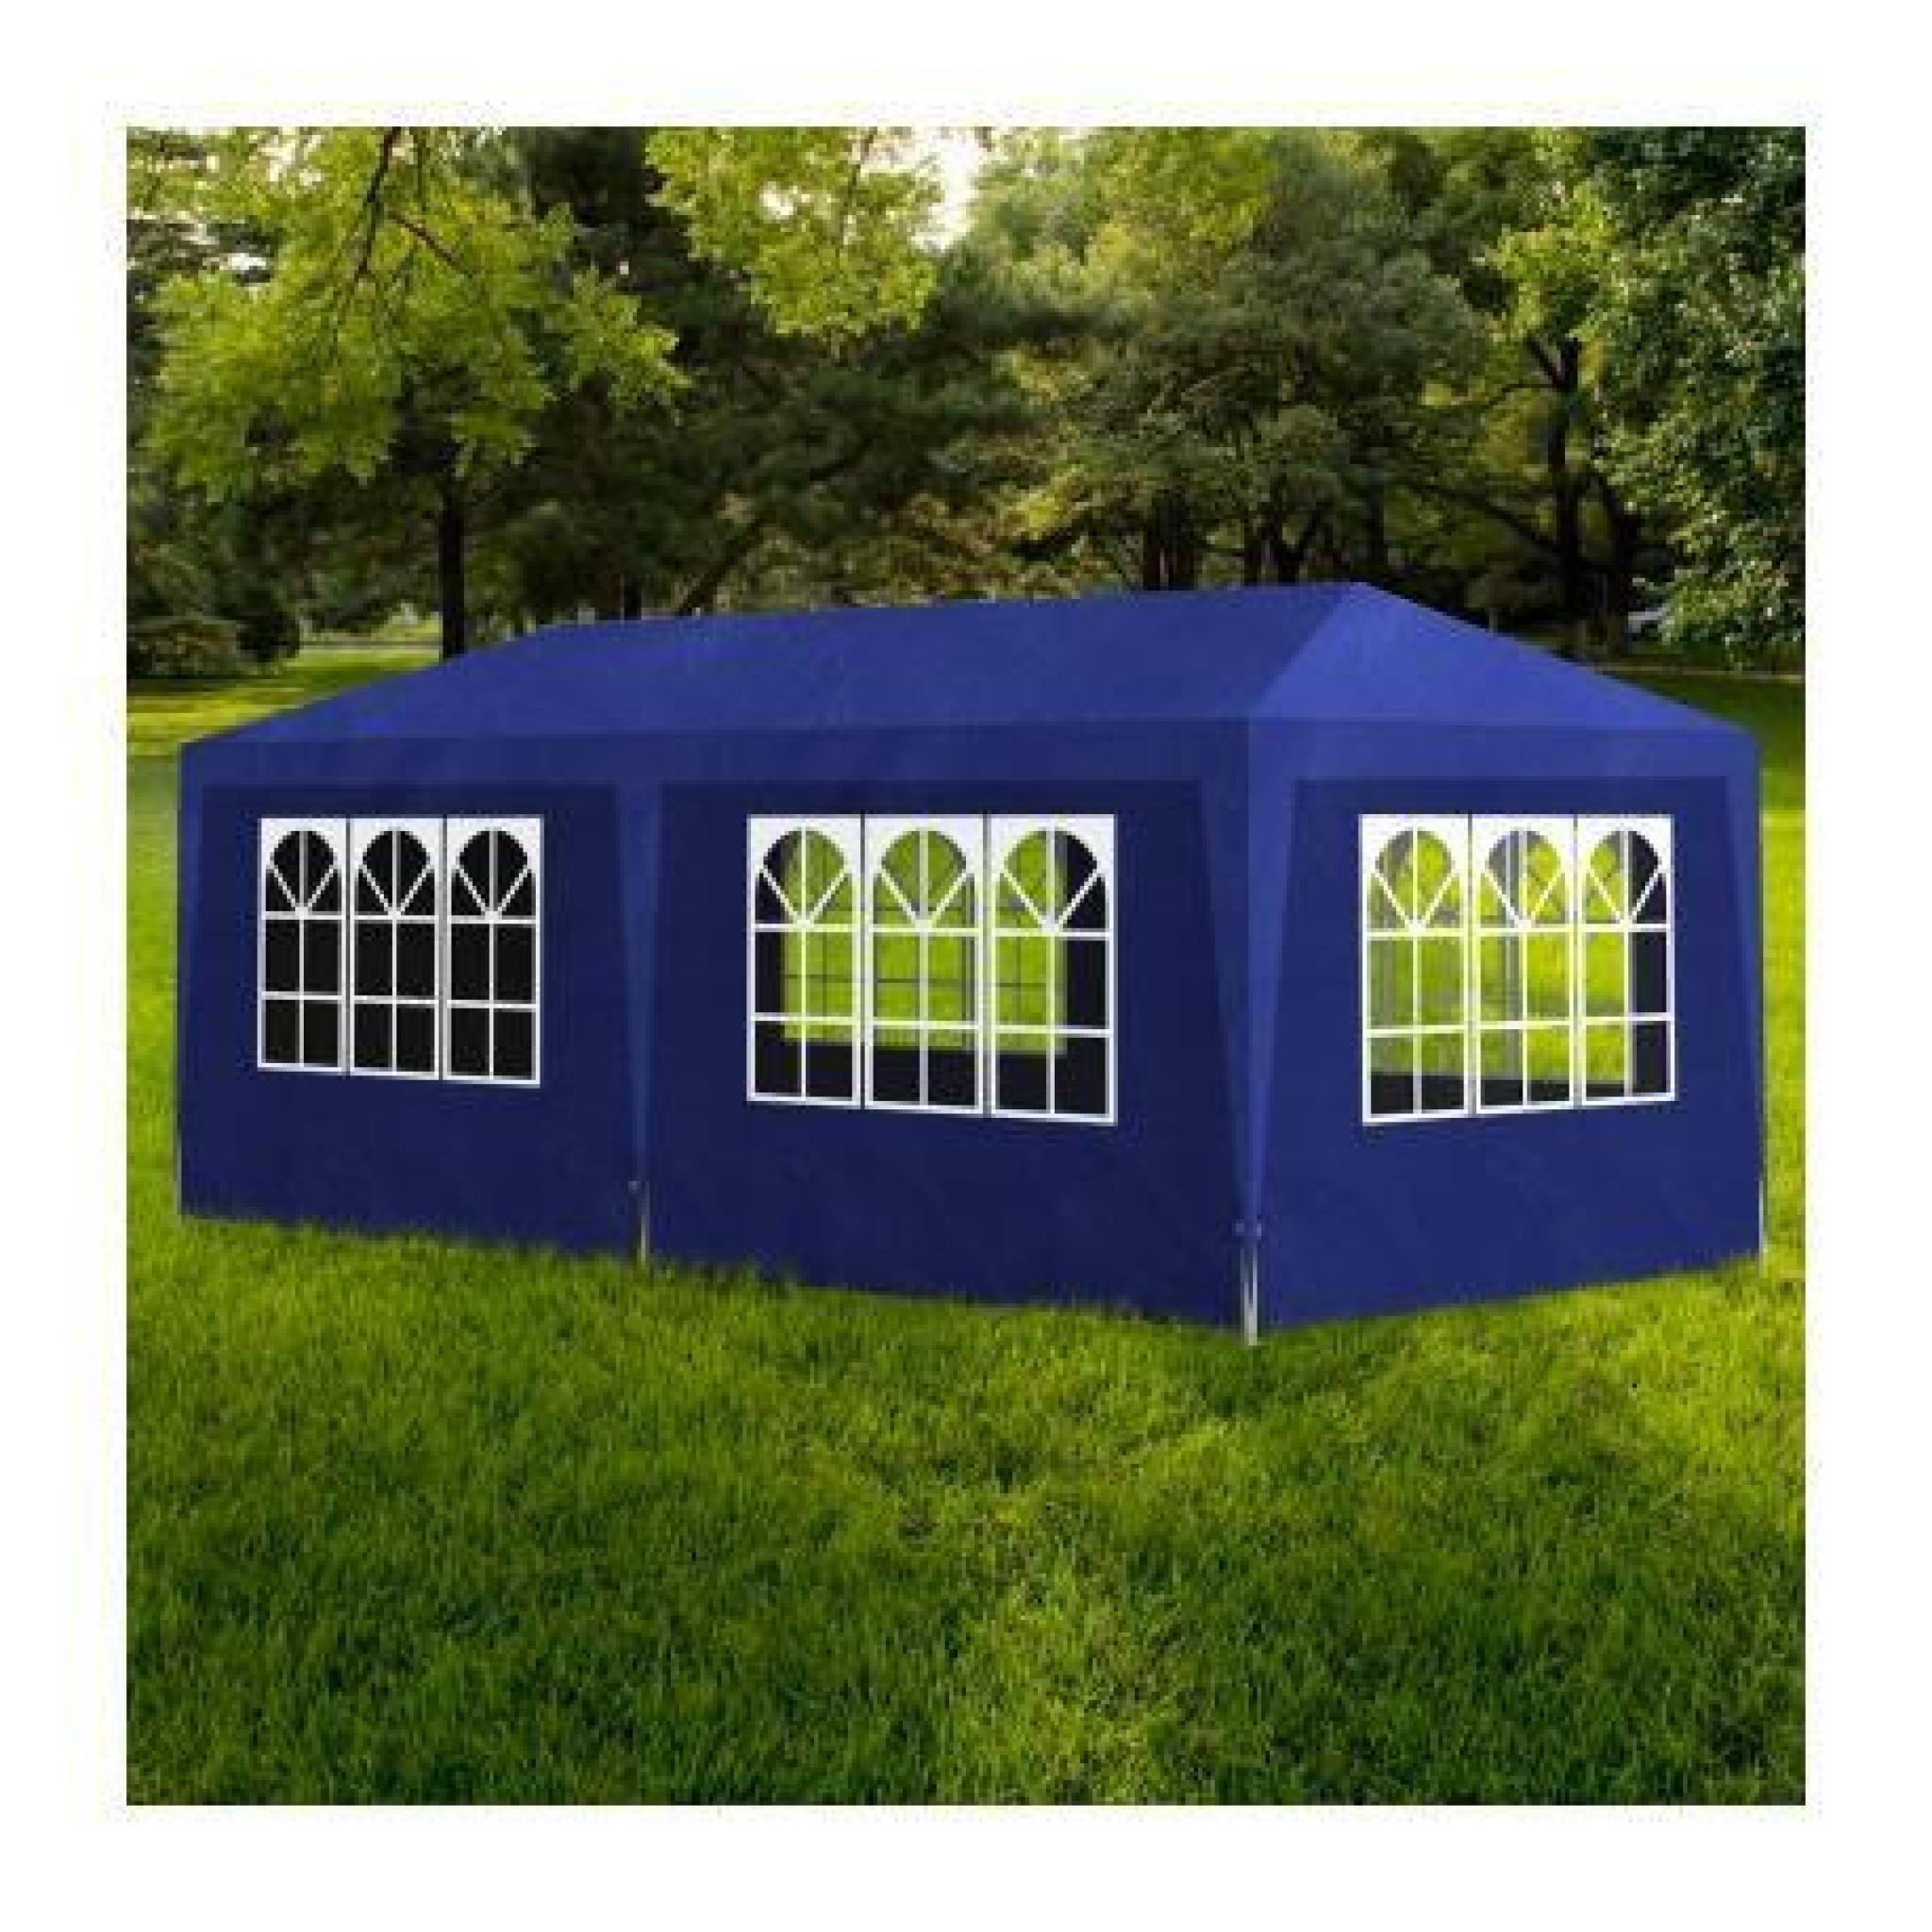 tonnelle pavillon de jardin bleu 3x6m achat vente tonnelle en acier pas cher. Black Bedroom Furniture Sets. Home Design Ideas